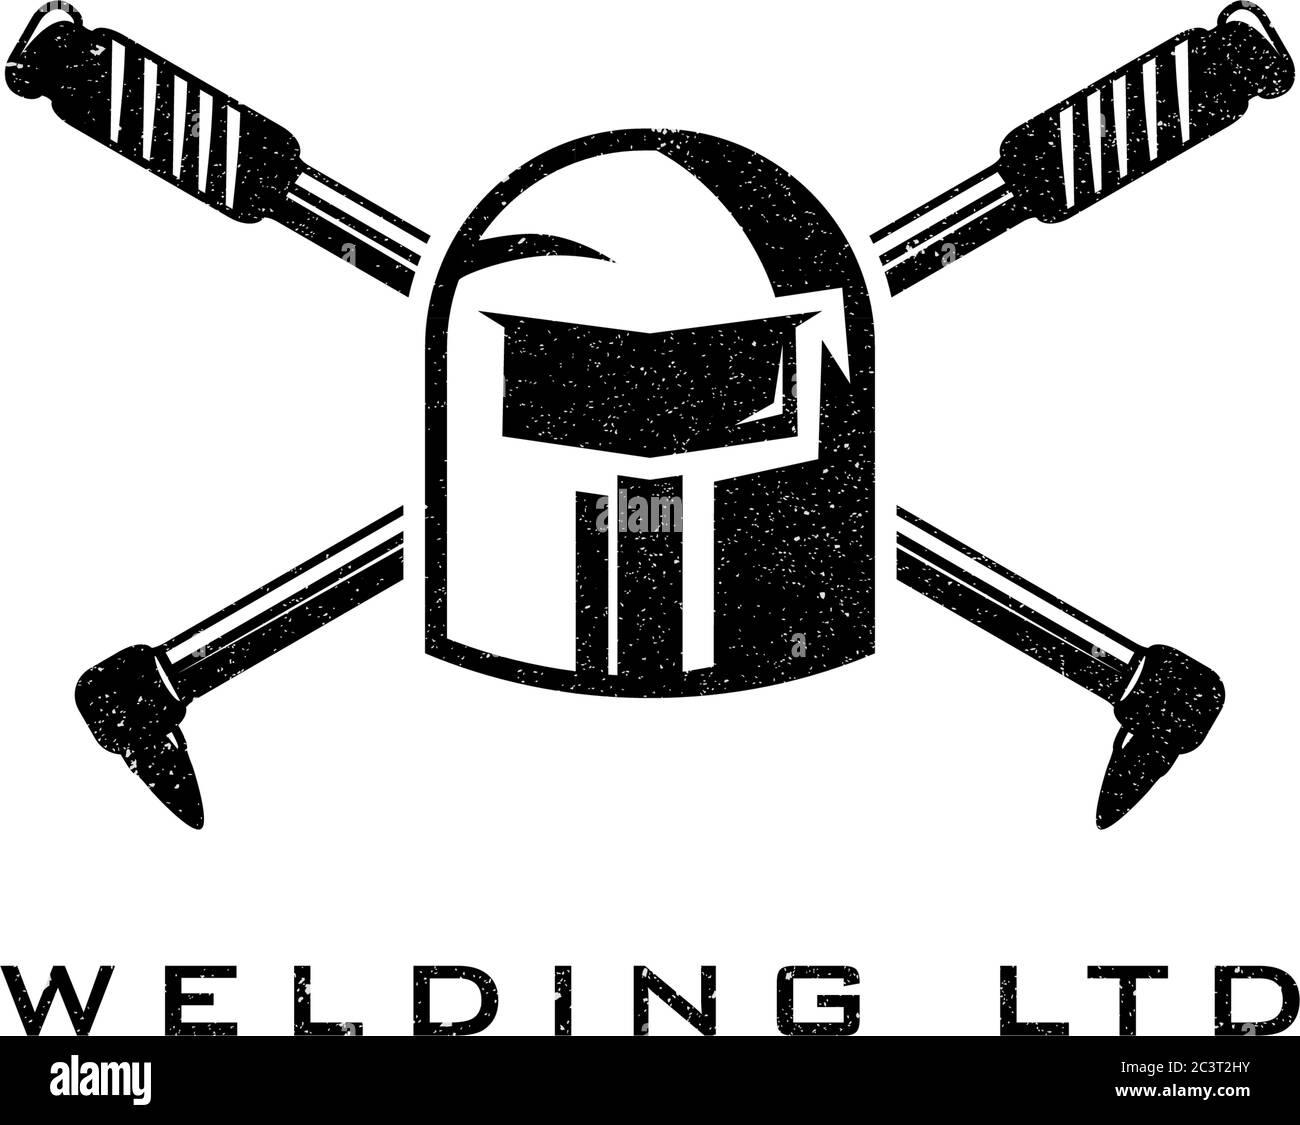 Welding Torch Logo Design Welder Tool Vector Design Welding Work Logotype Stock Vector Image Art Alamy